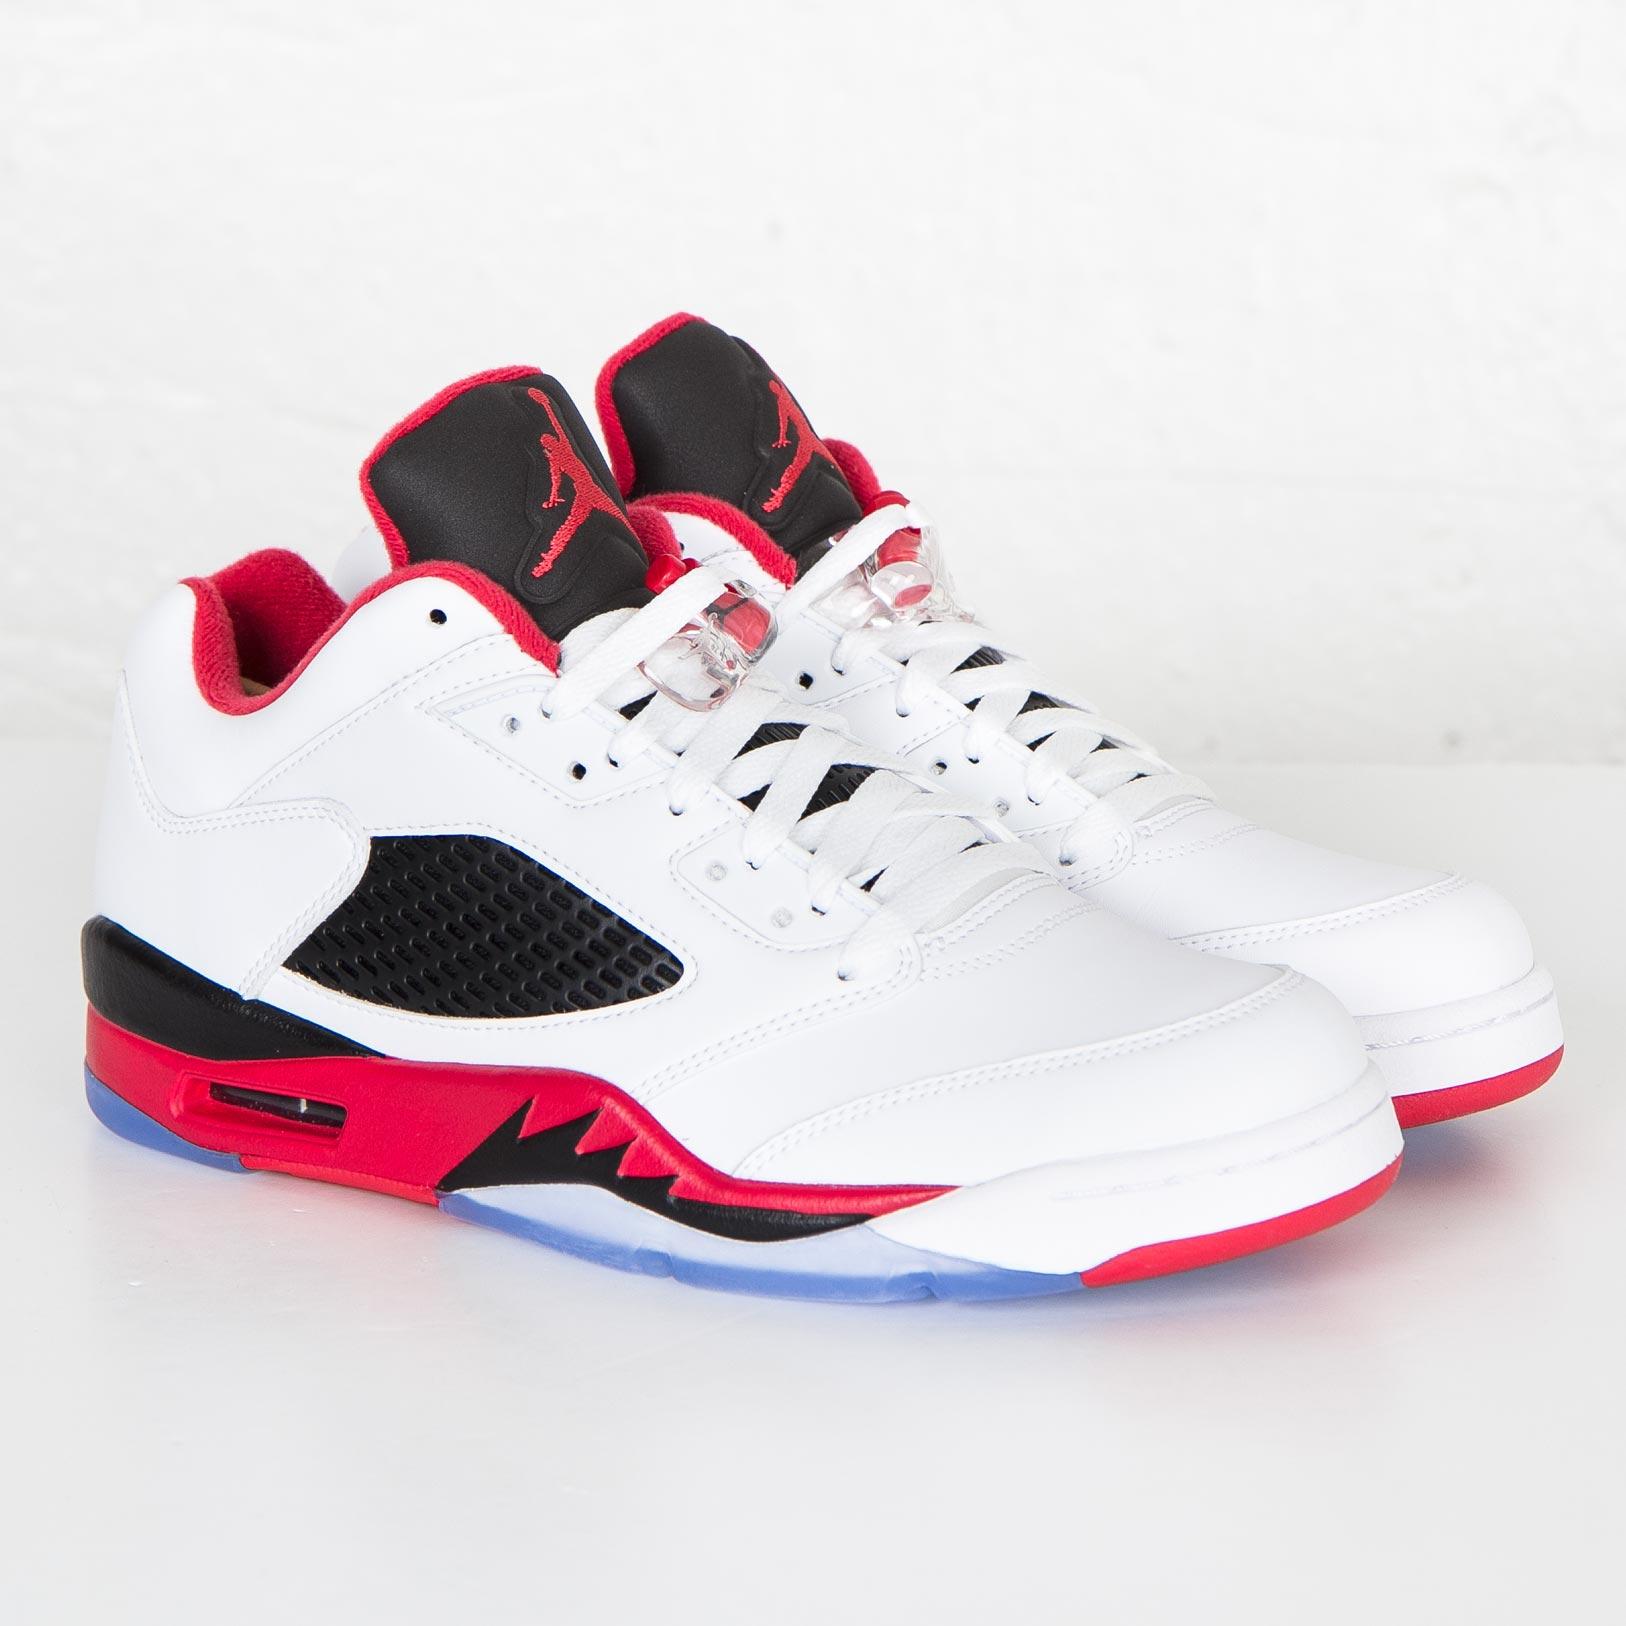 new style 9a170 3d5e3 Jordan Brand Air Jordan 5 Retro Low